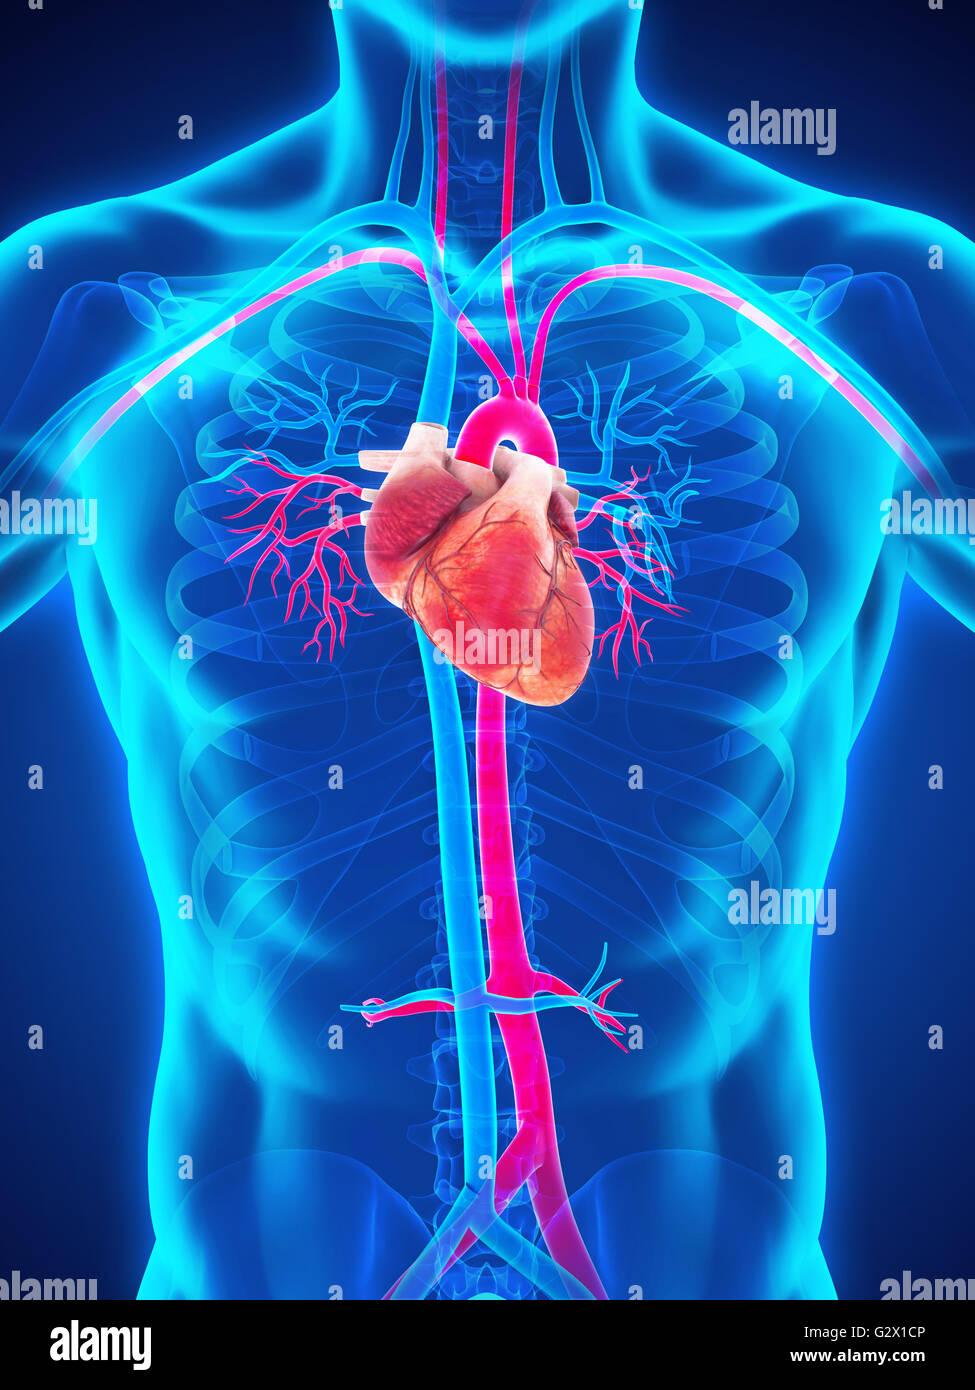 Wunderbar Anatomie Des Herzens Blutversorgung Ideen - Anatomie Von ...